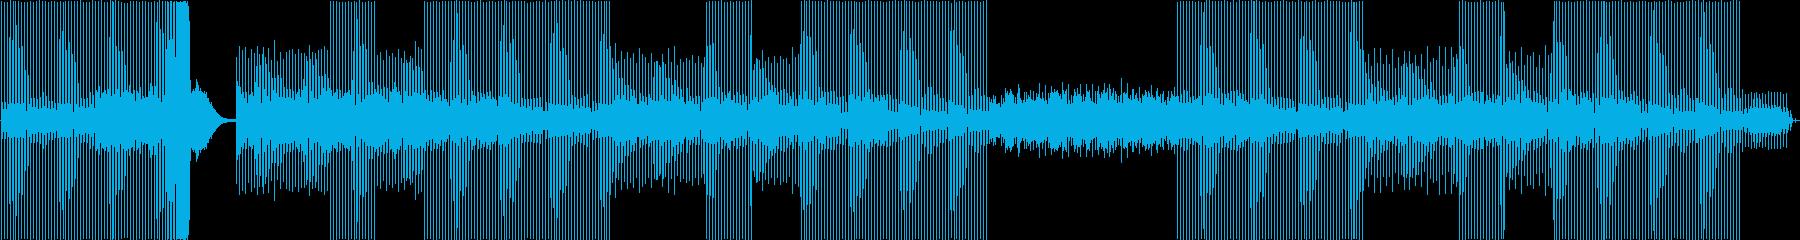 ジジダグスタイルの再生済みの波形